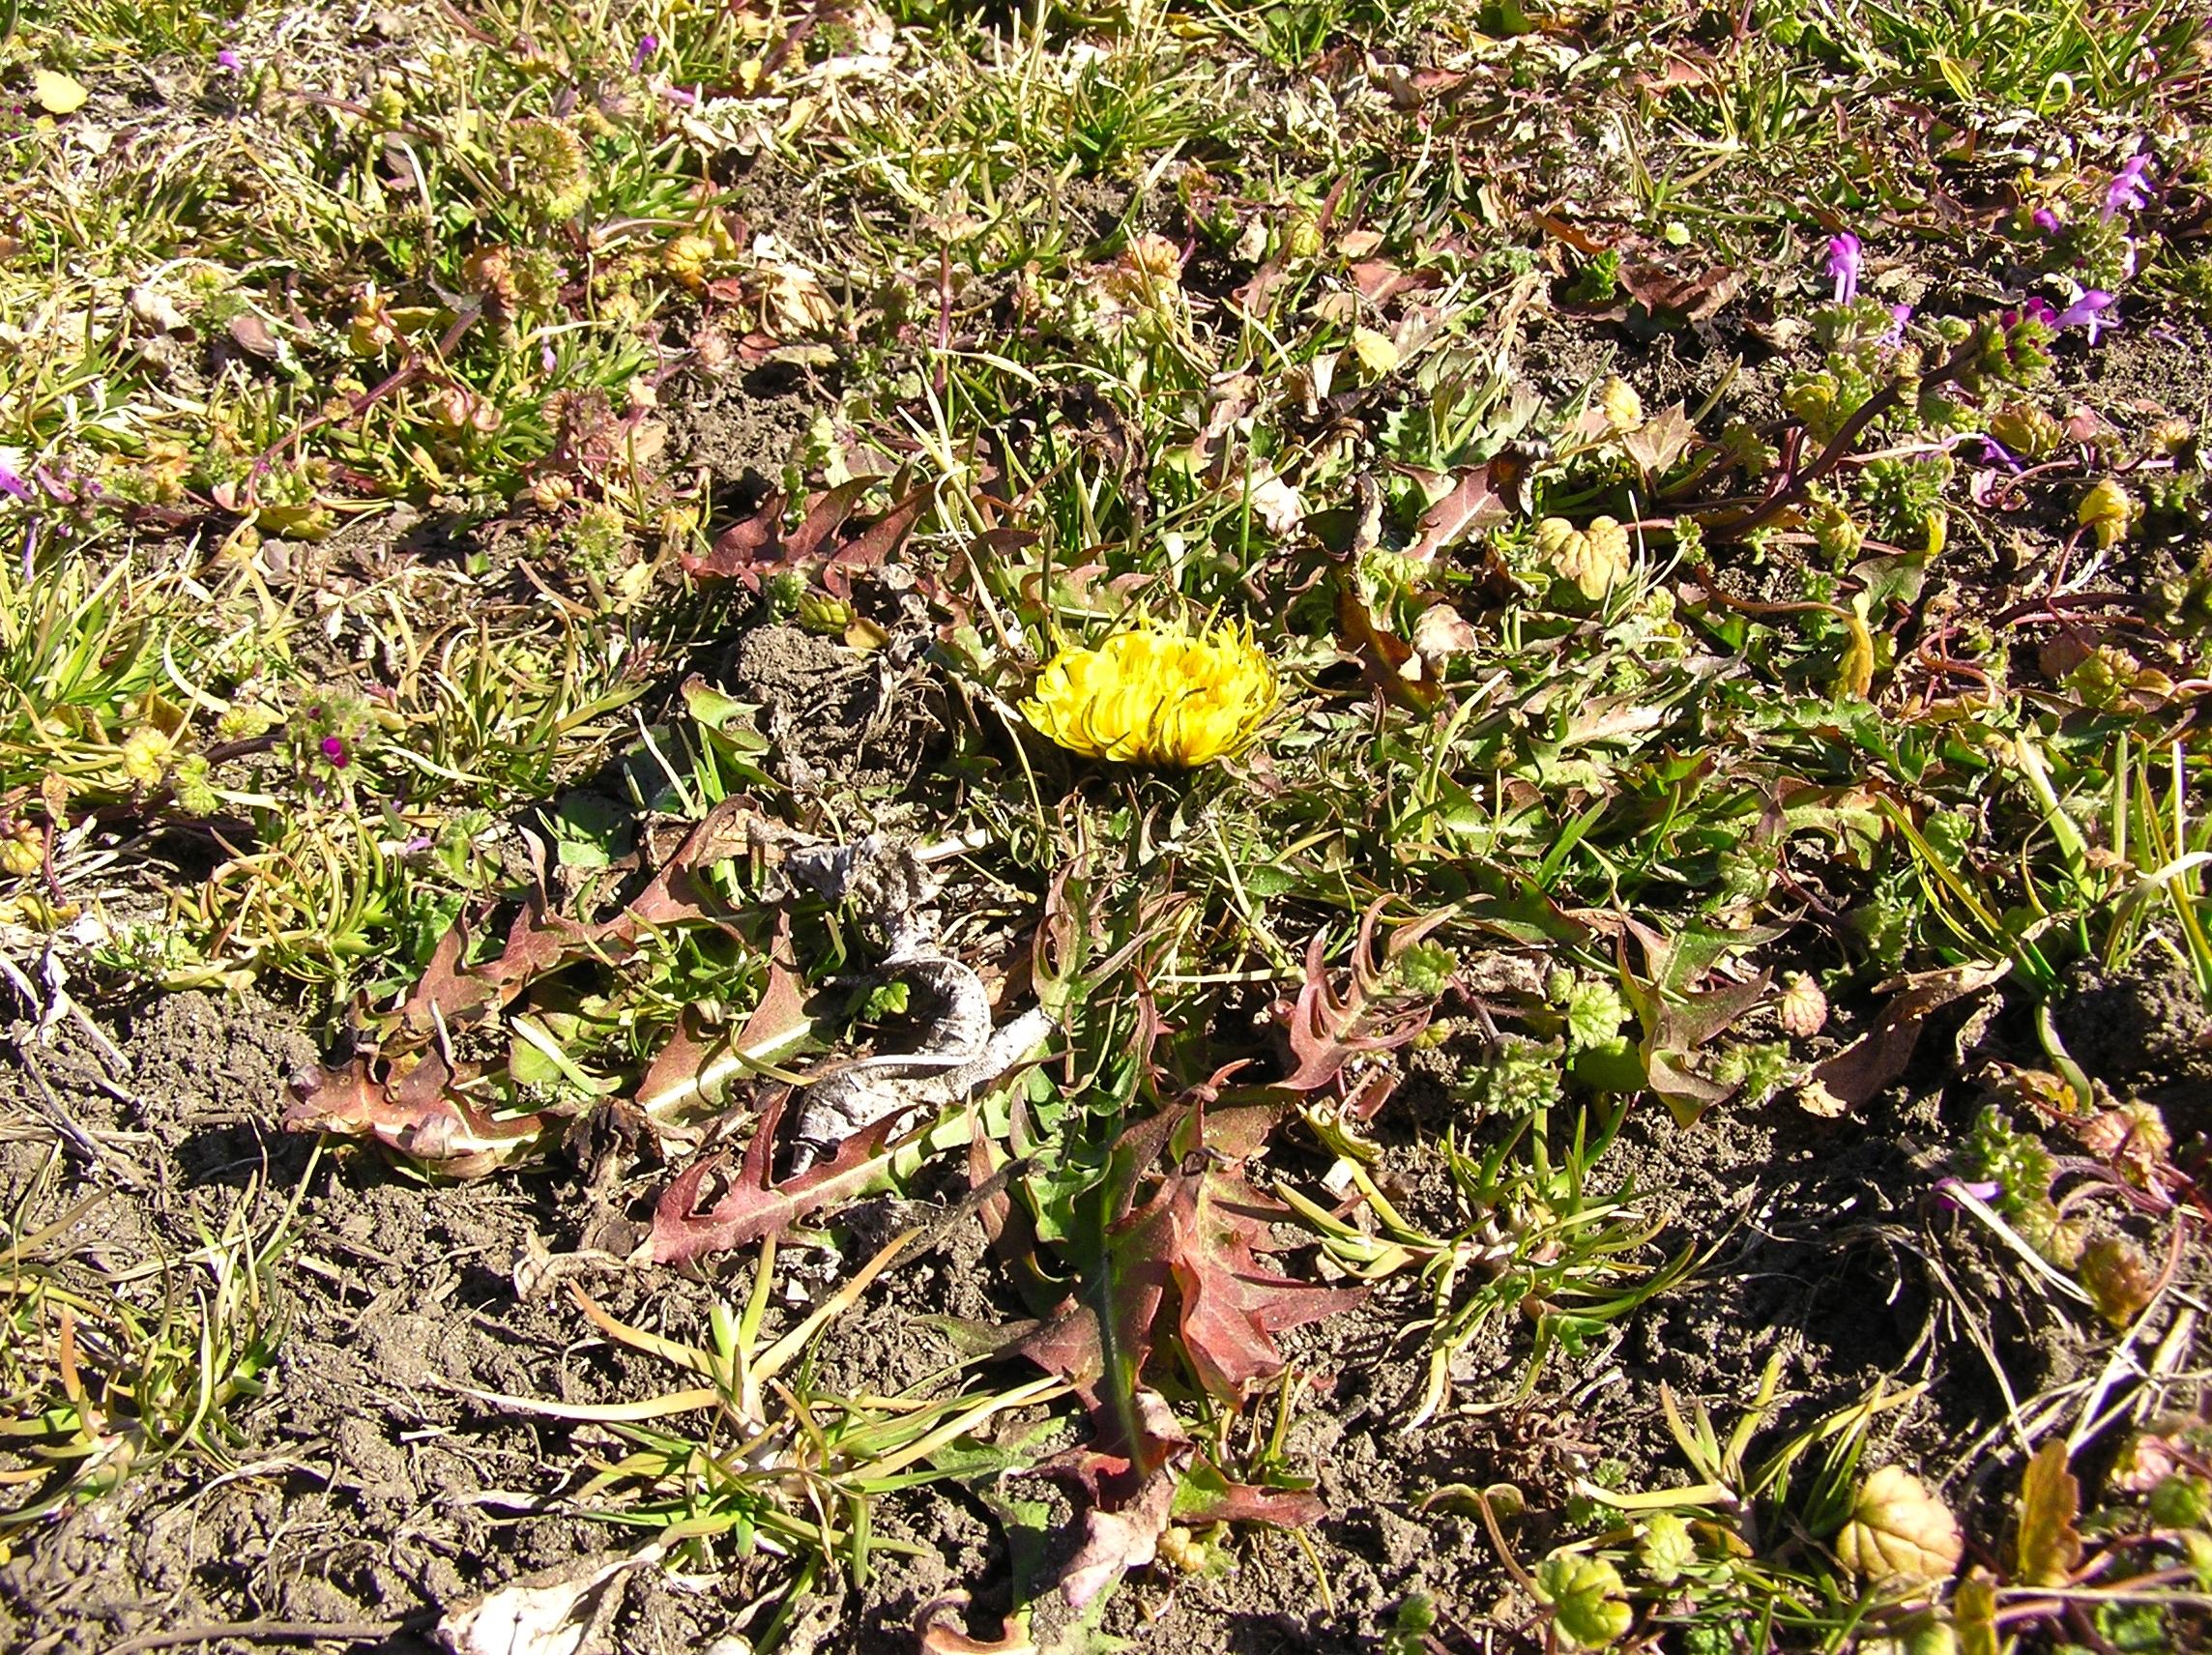 タンポポも咲いていました